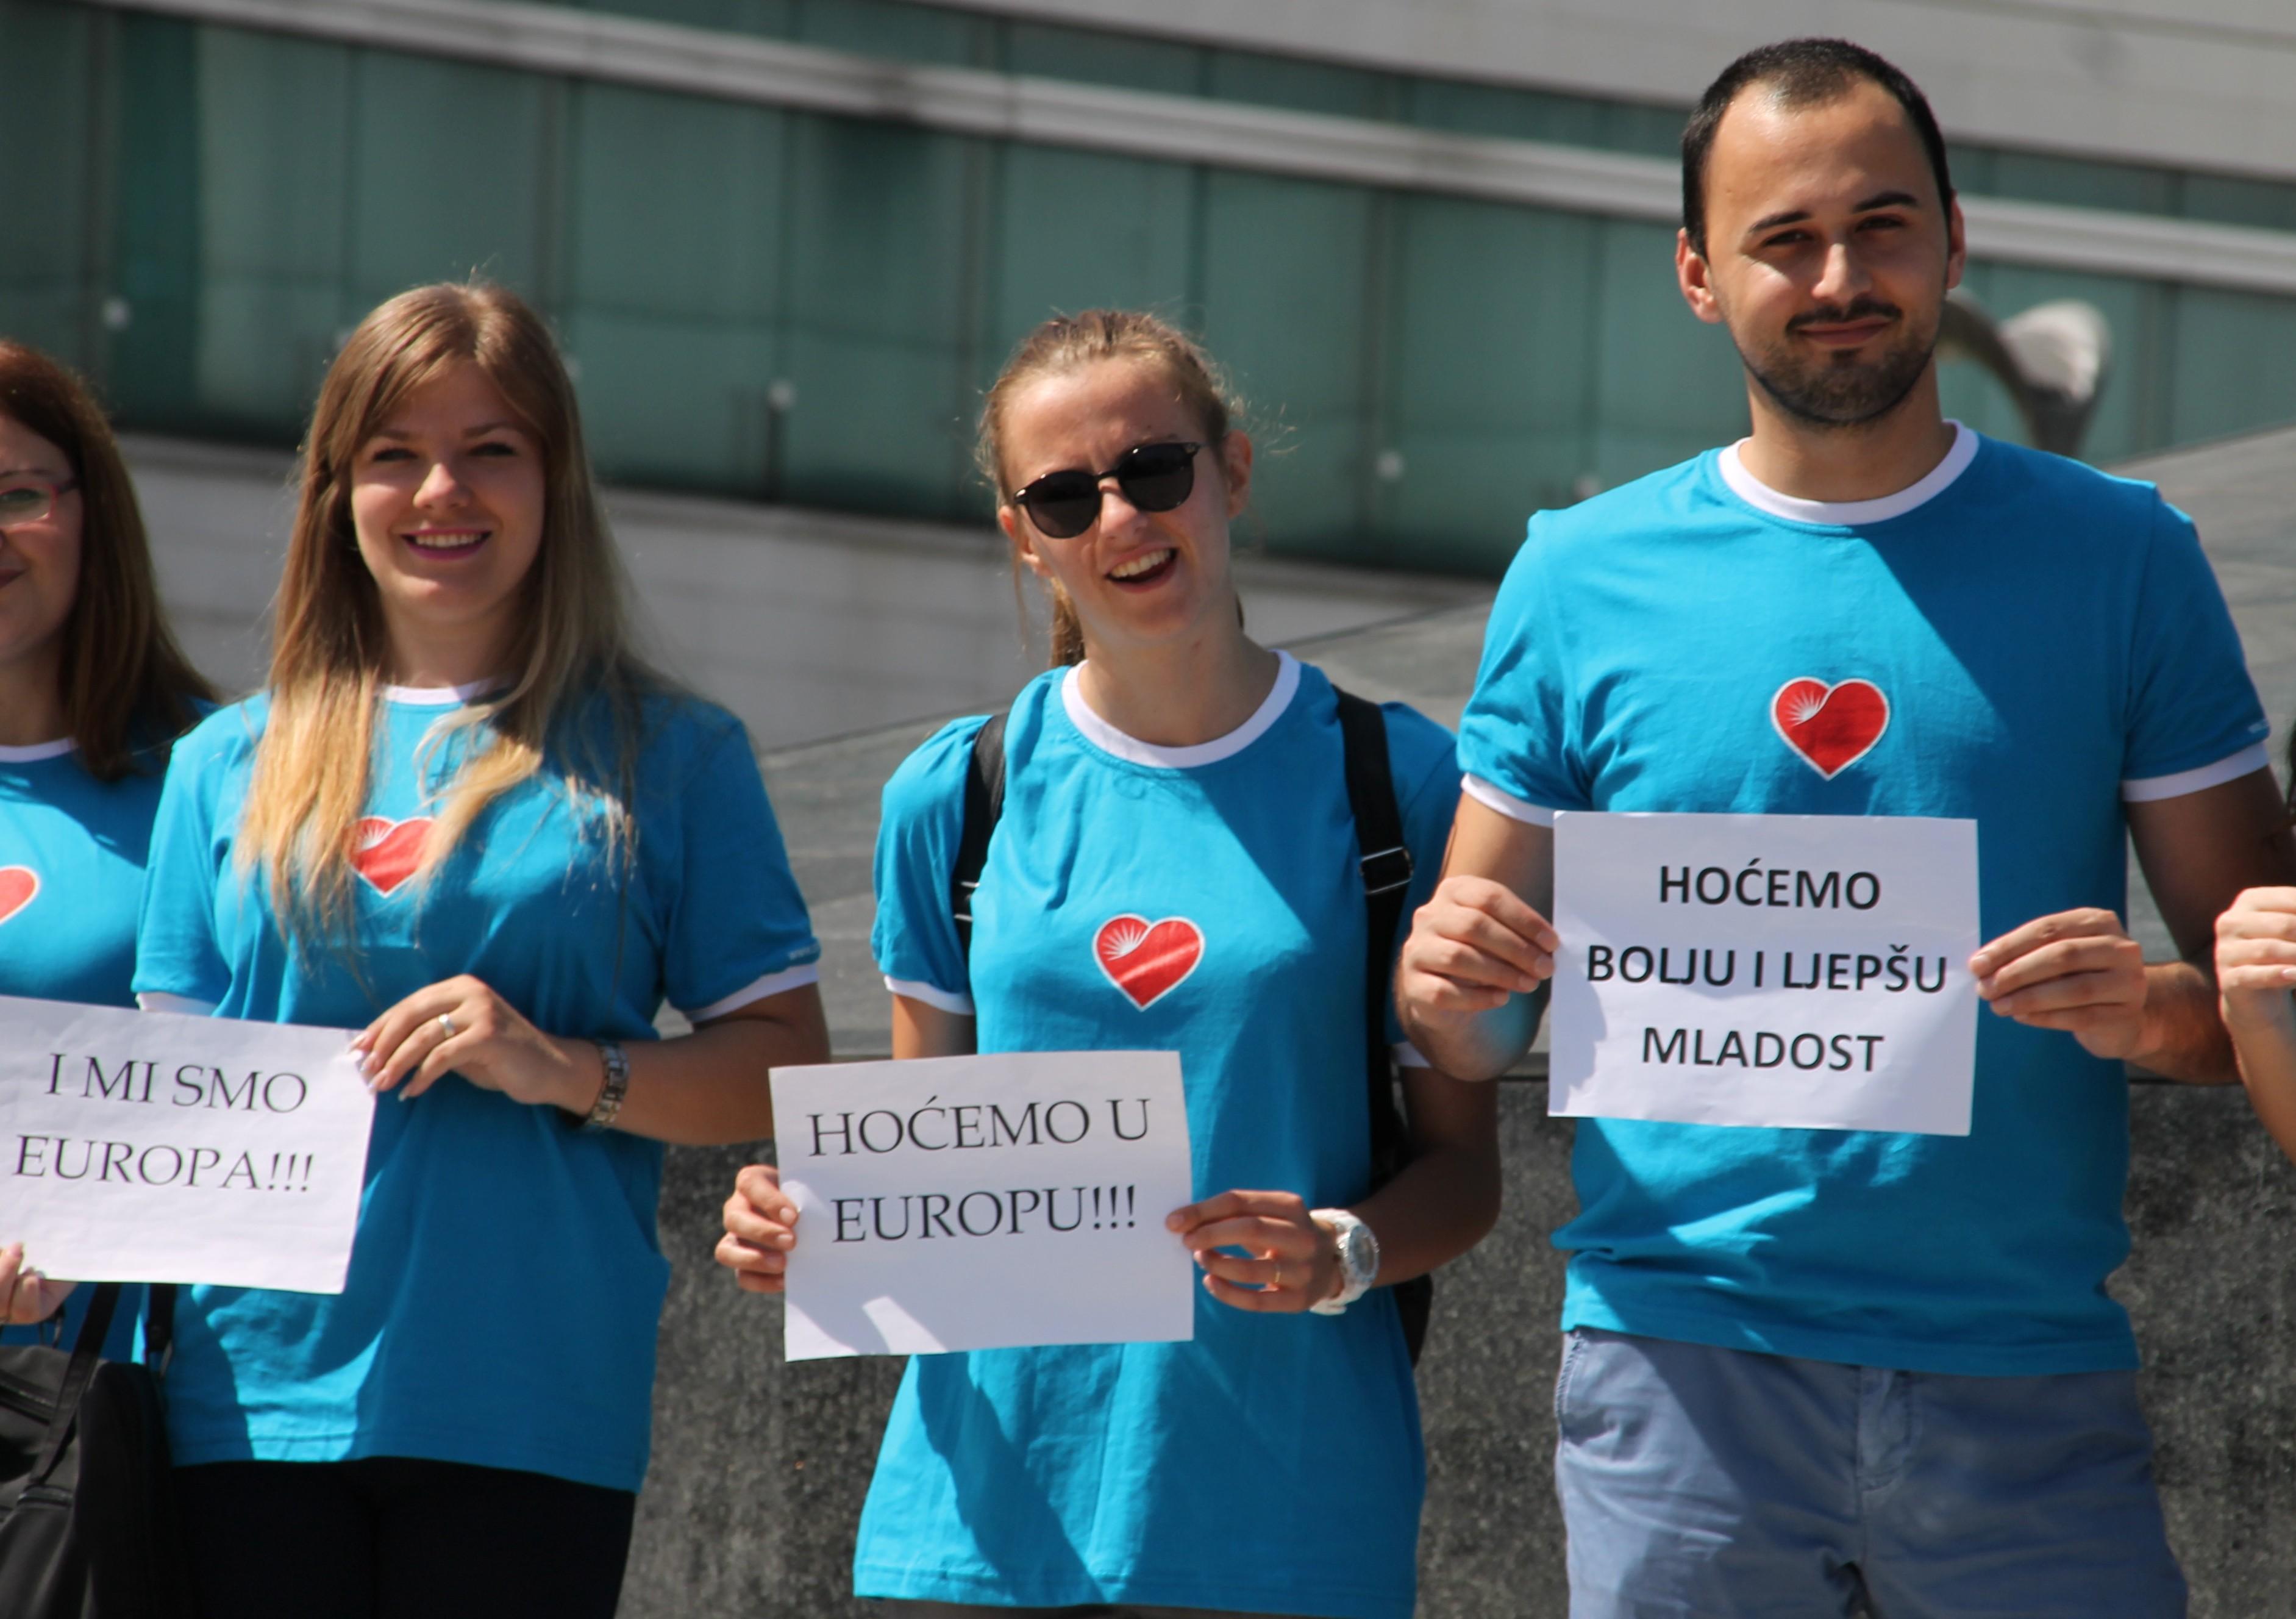 12.08.14. Mladi u BiH zasluzuju priliku i sigurnu budunost (3)